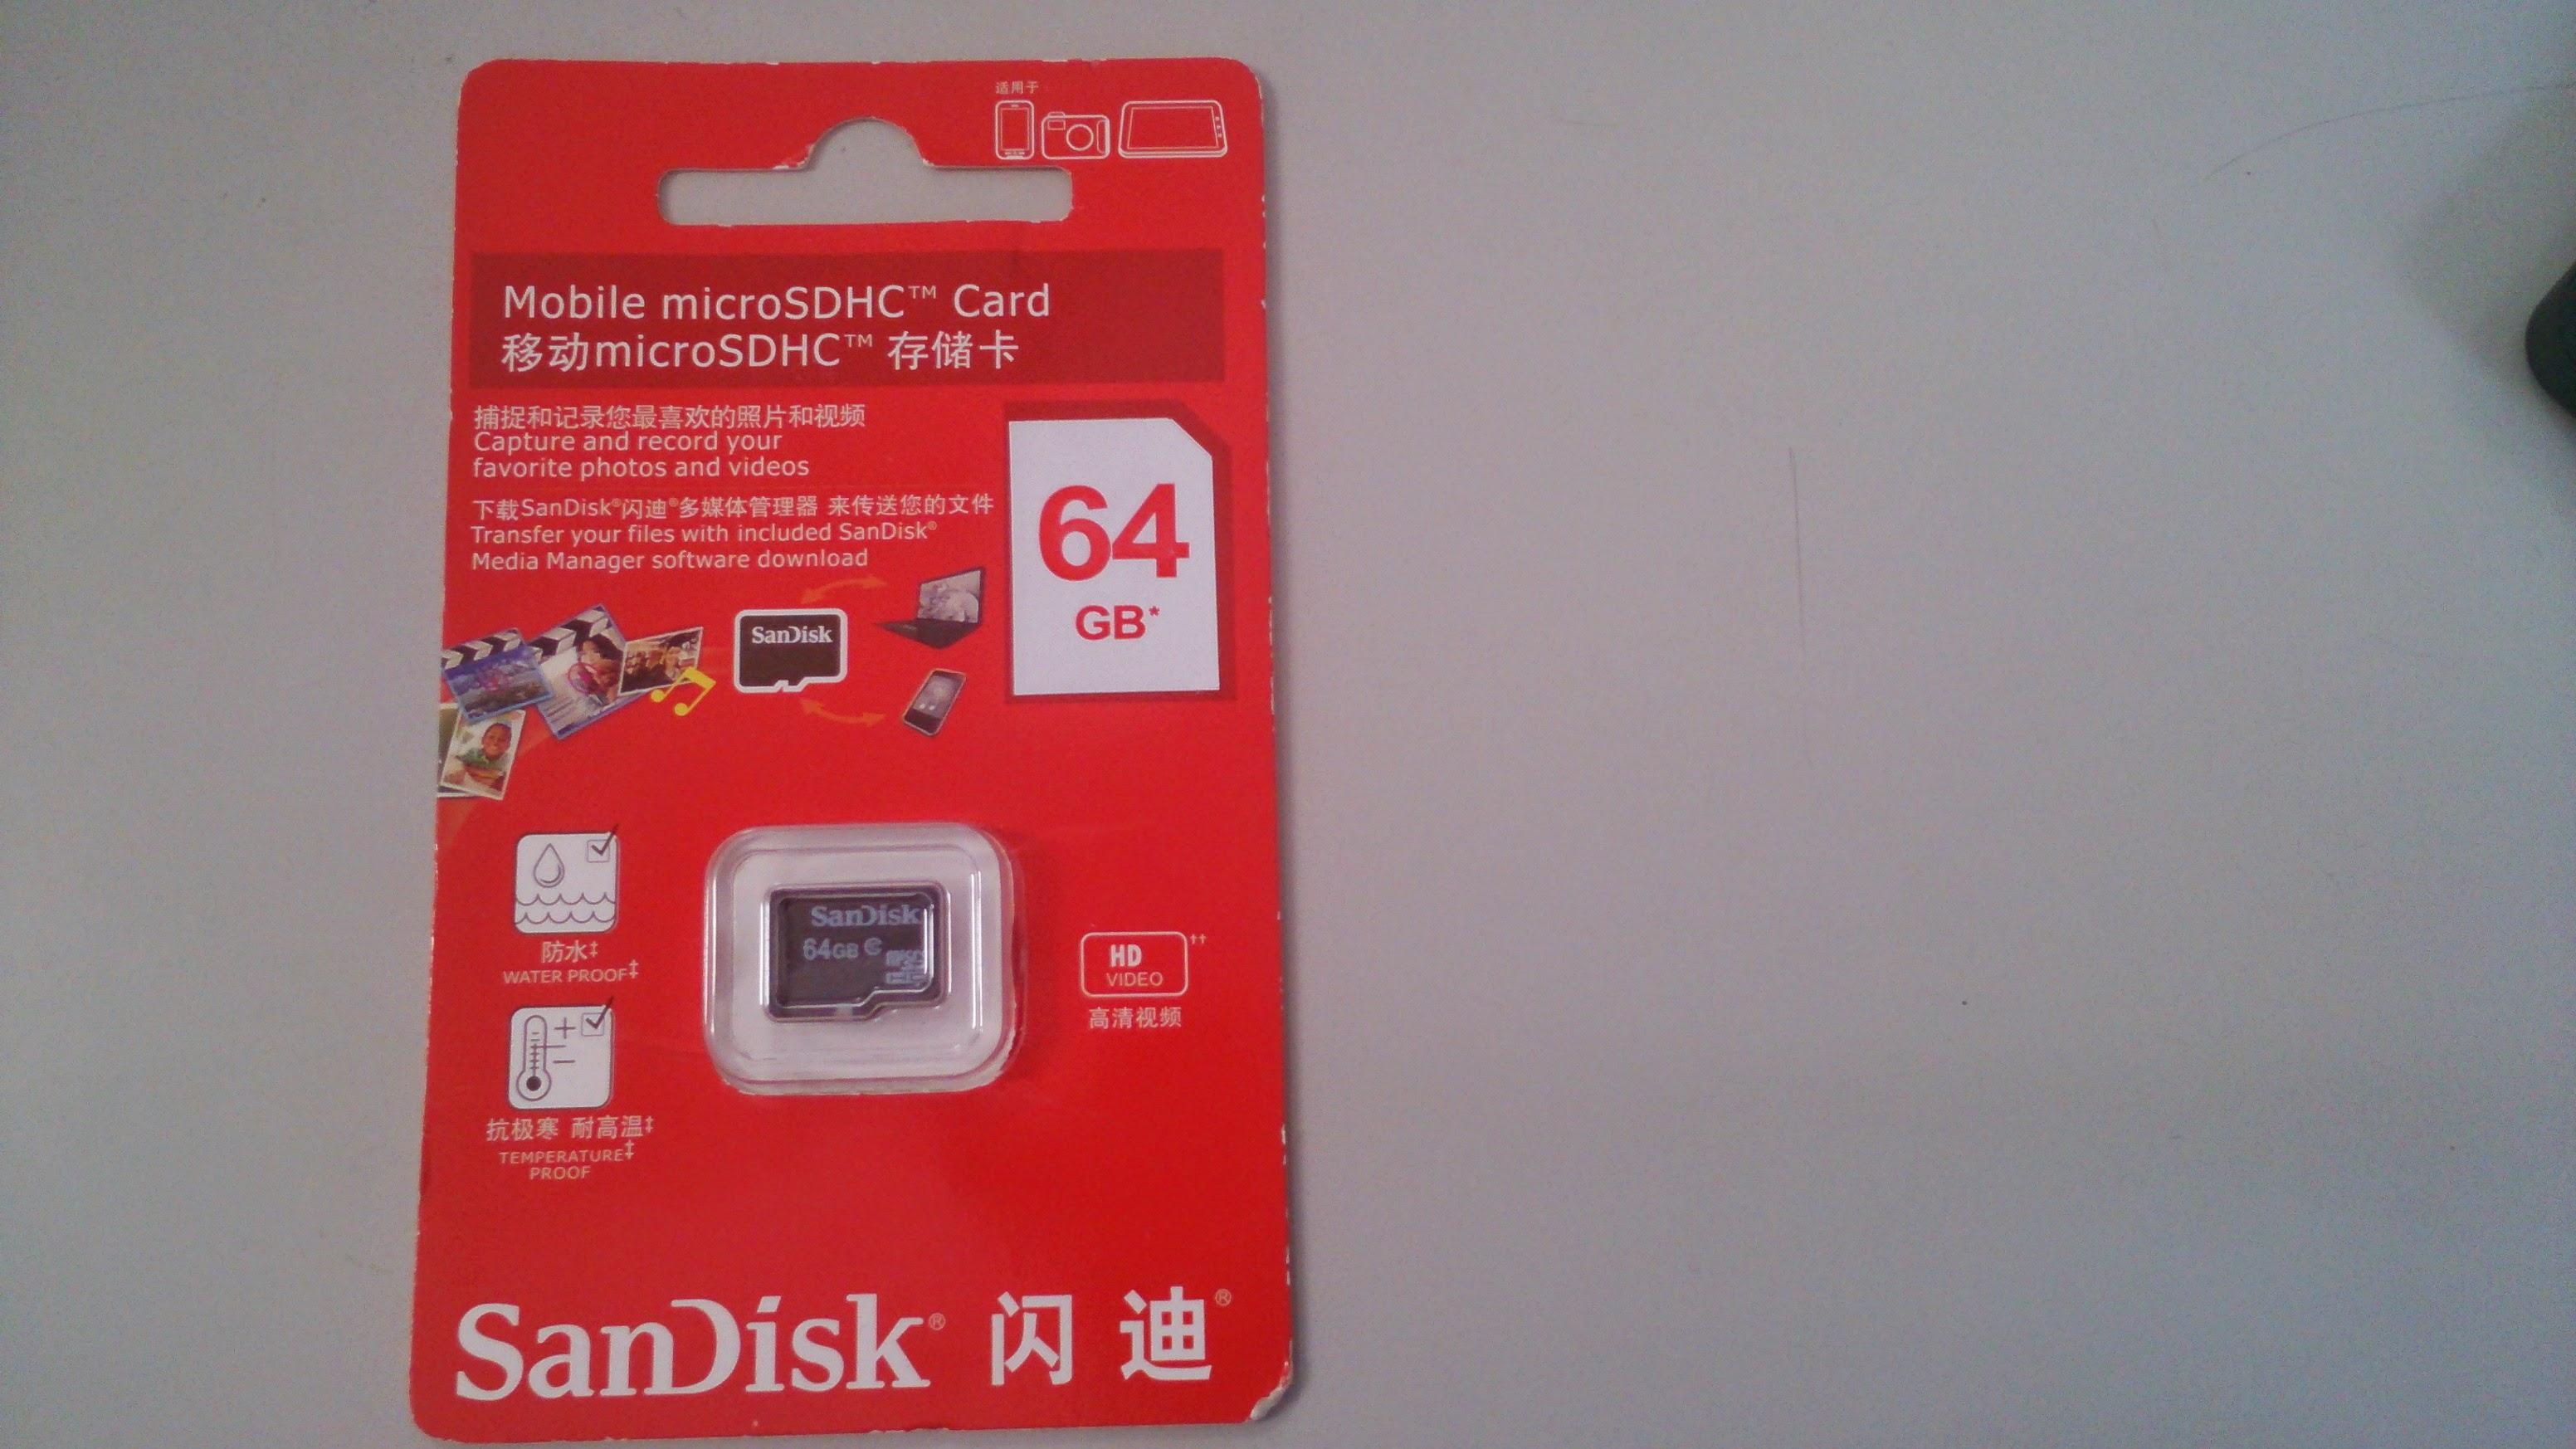 必見、偽物の見分け方 東芝、偽物USB ...